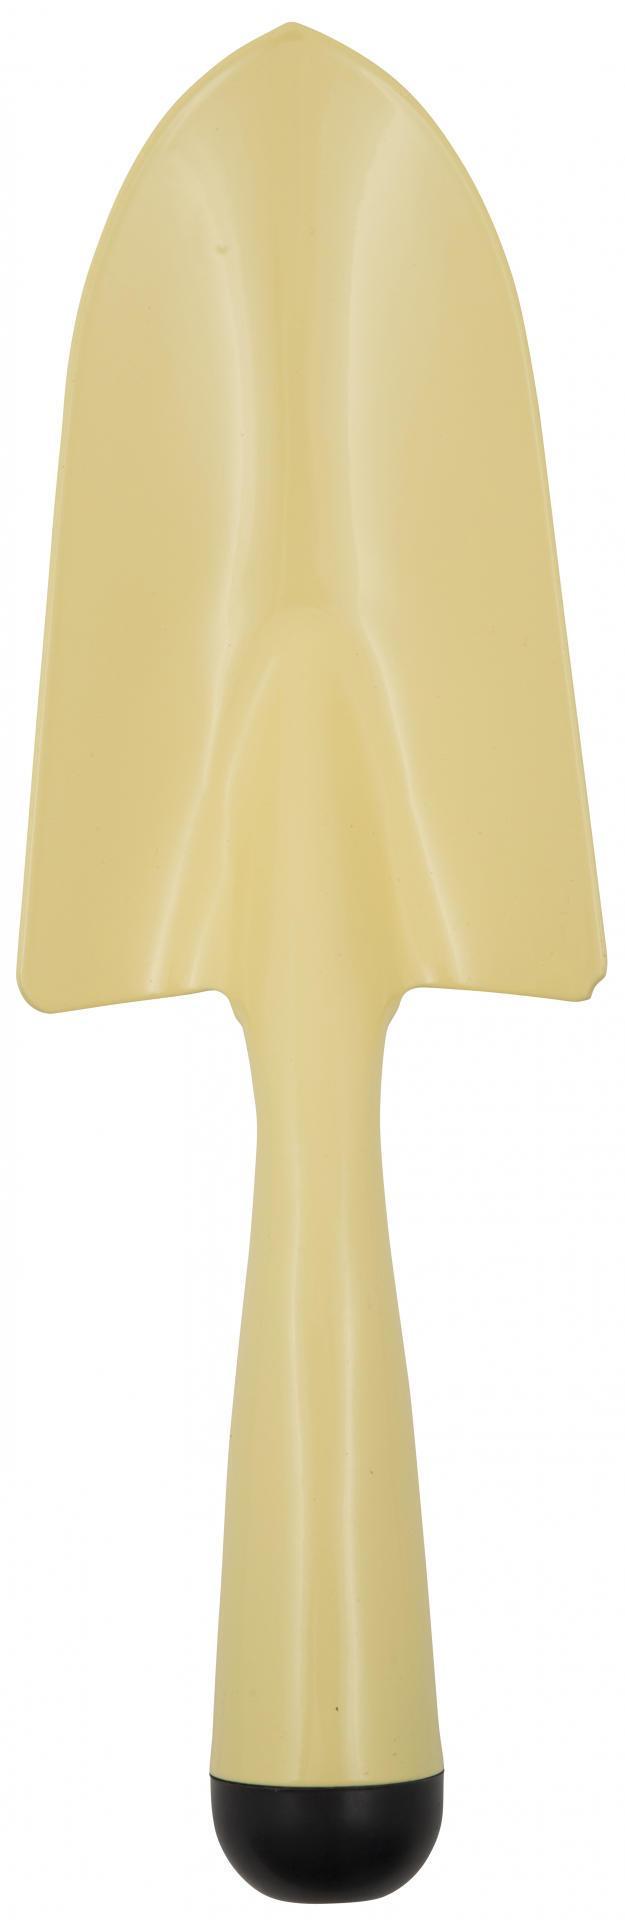 IB LAURSEN Zahradní lopatka Yellow, žlutá barva, zinek